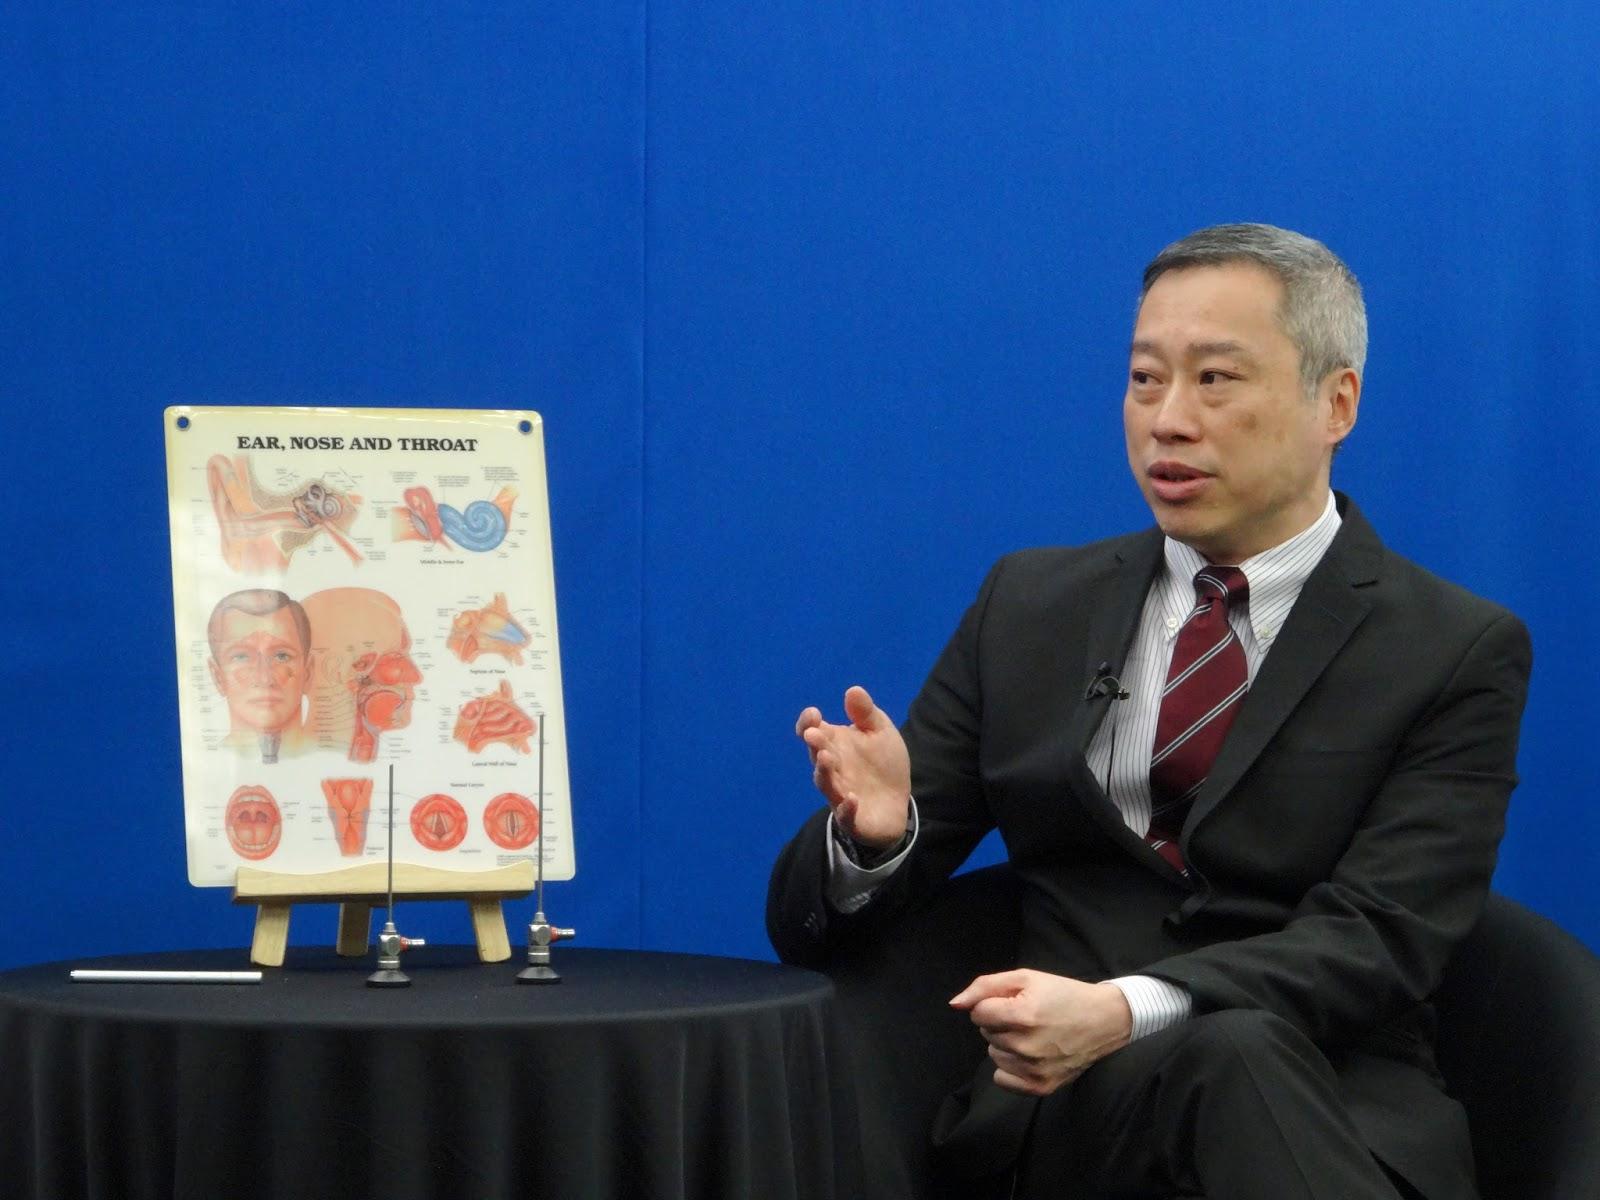 明報 健康版 訪問葉劍光醫生 | 鄭志文的私人網誌